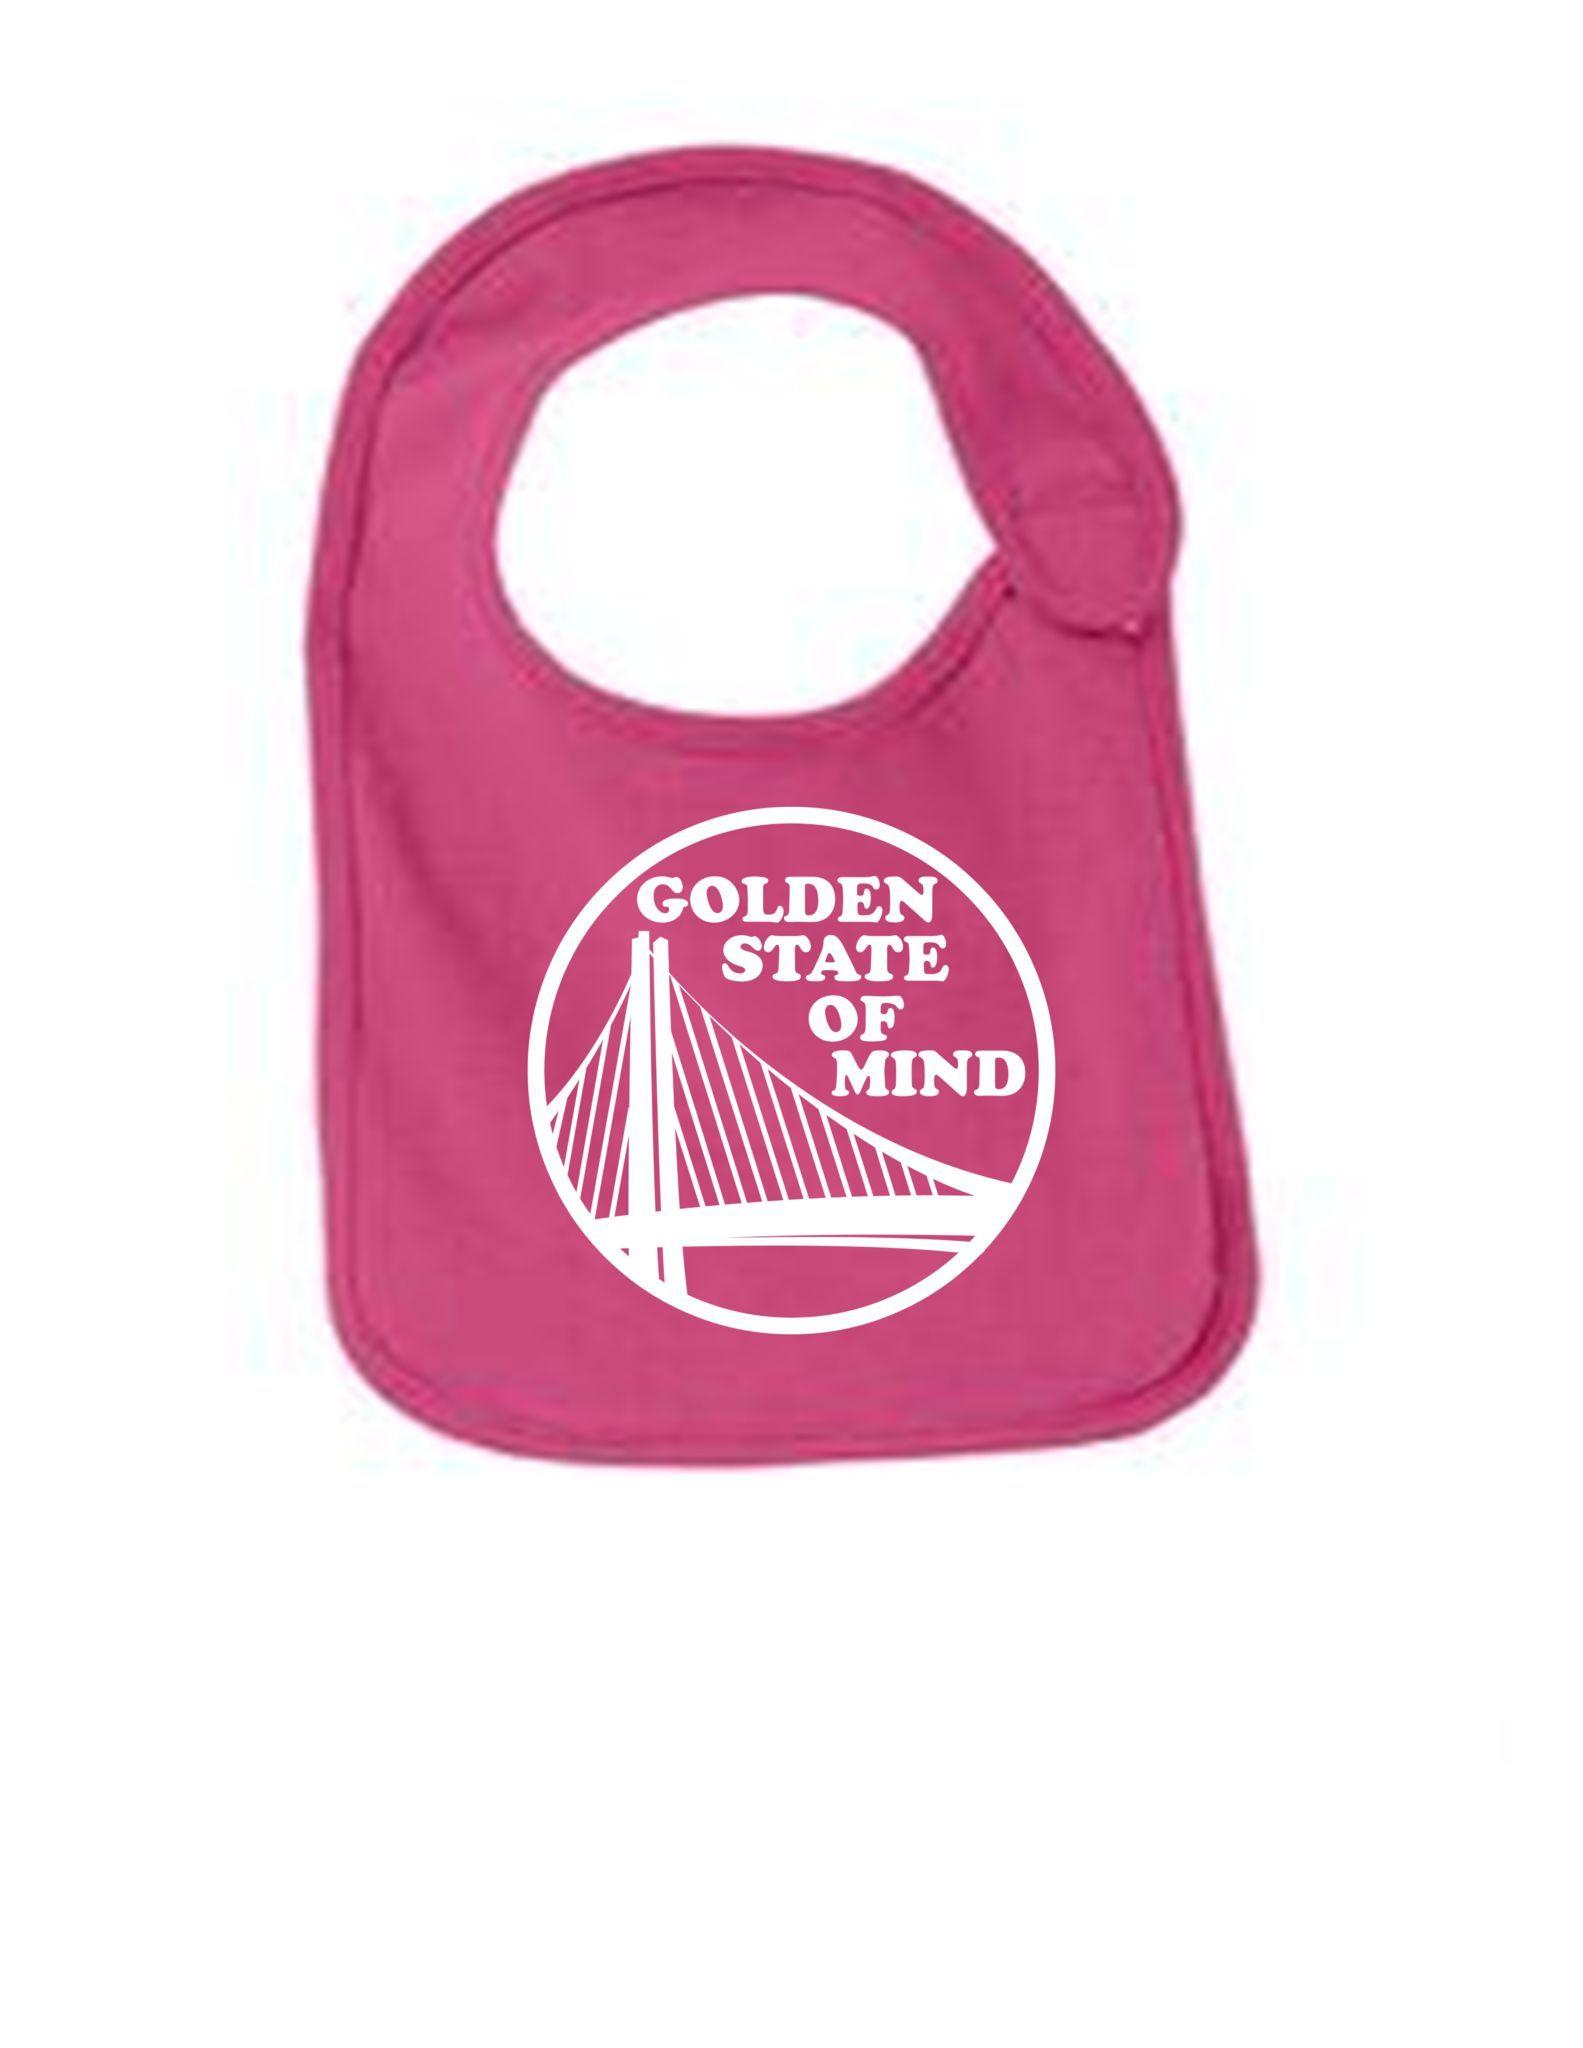 Golden State Of Mind Bib